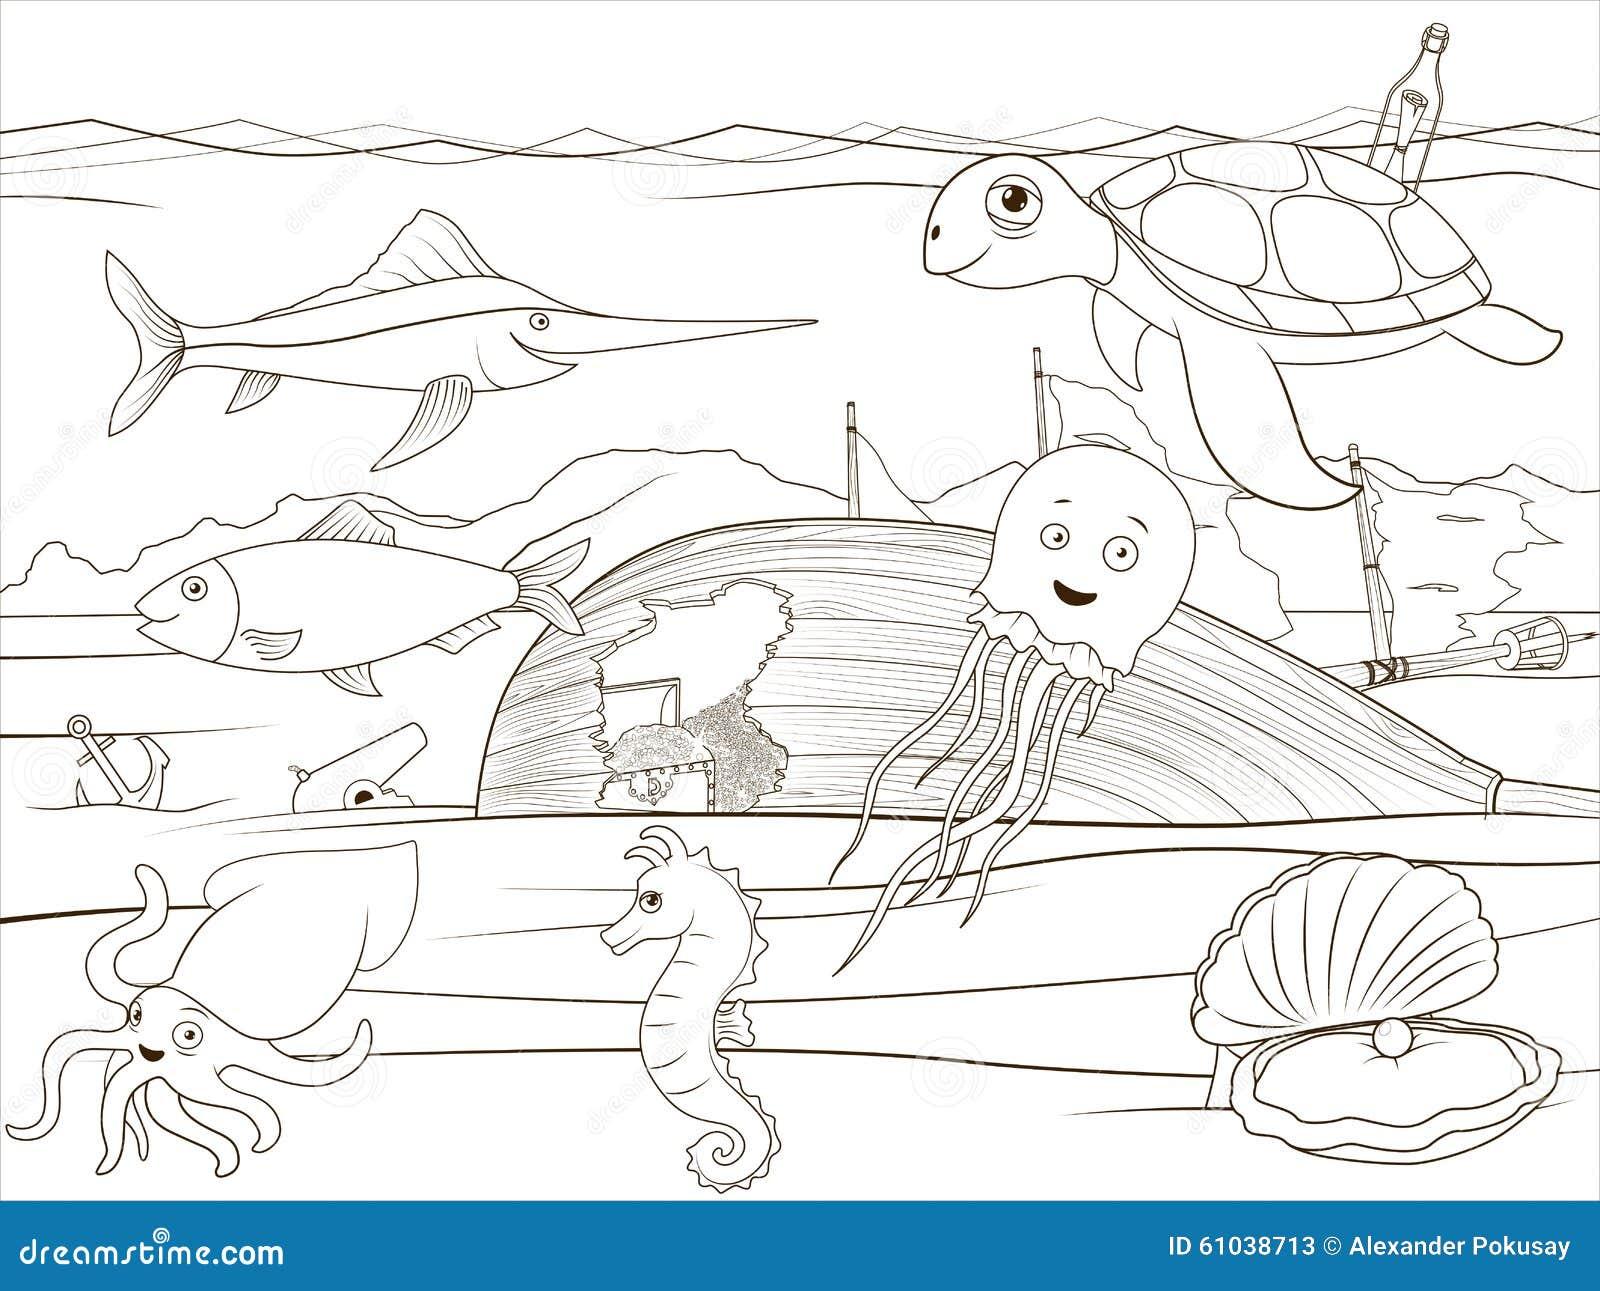 Increíble Libro De Colorear De Biología Marina Ideas - Enmarcado ...